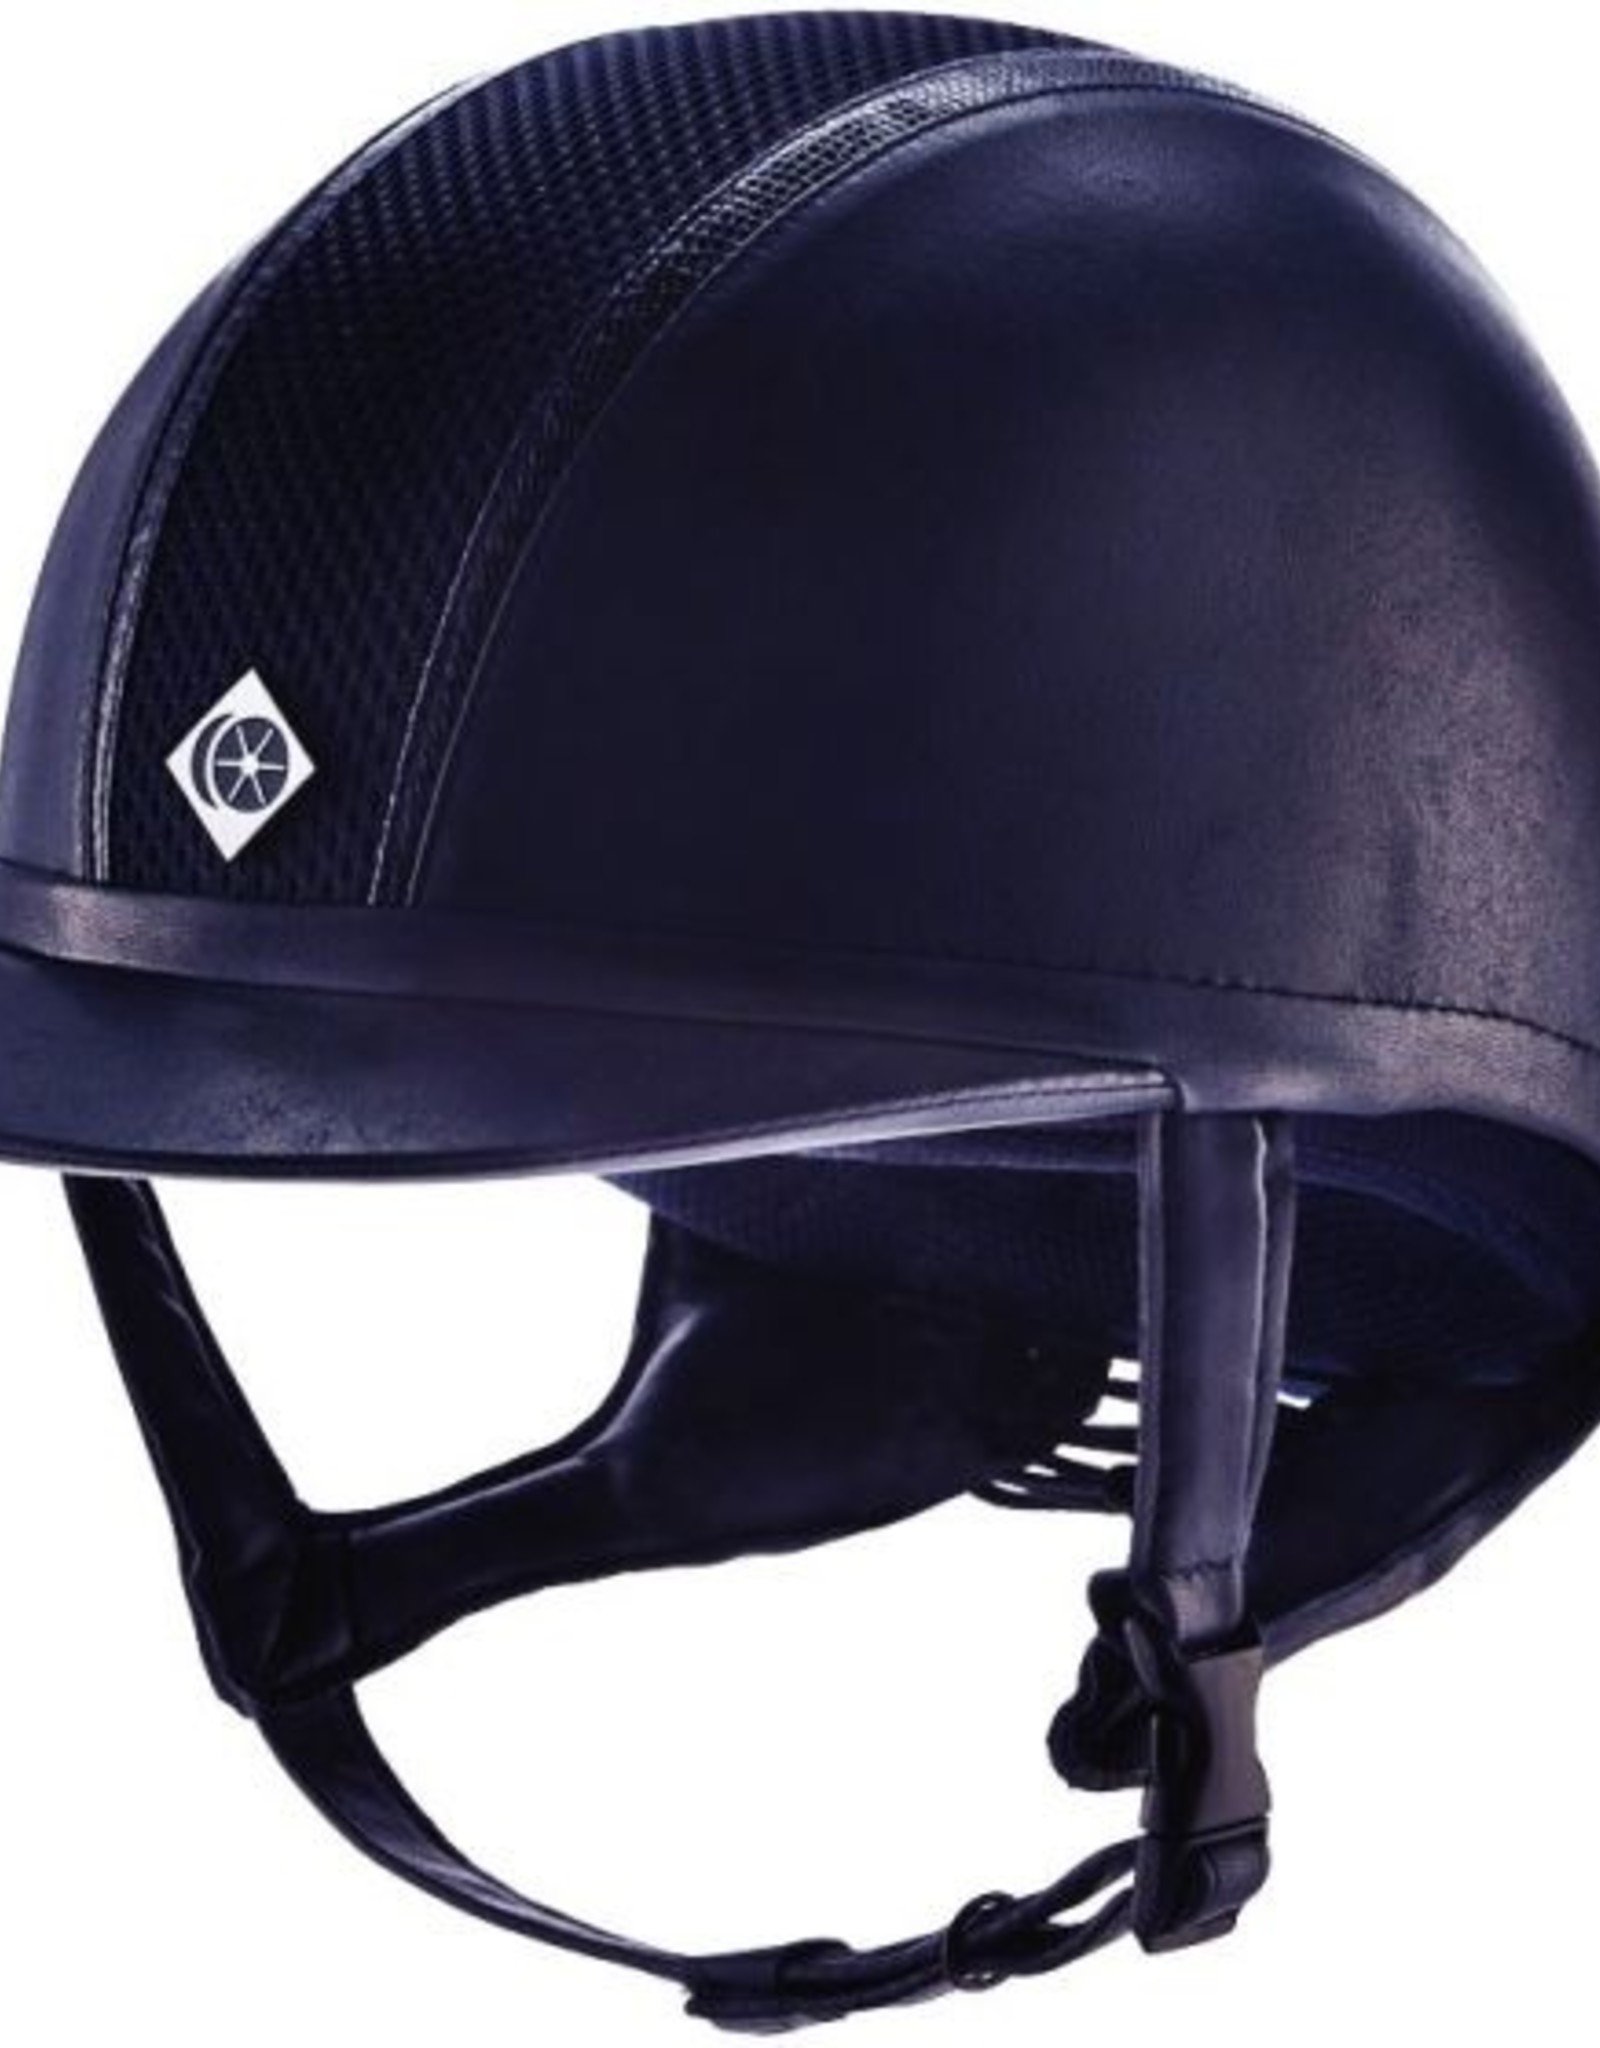 Charles Owen AYR8 Leather Look with Snakeskin Trim Helmet